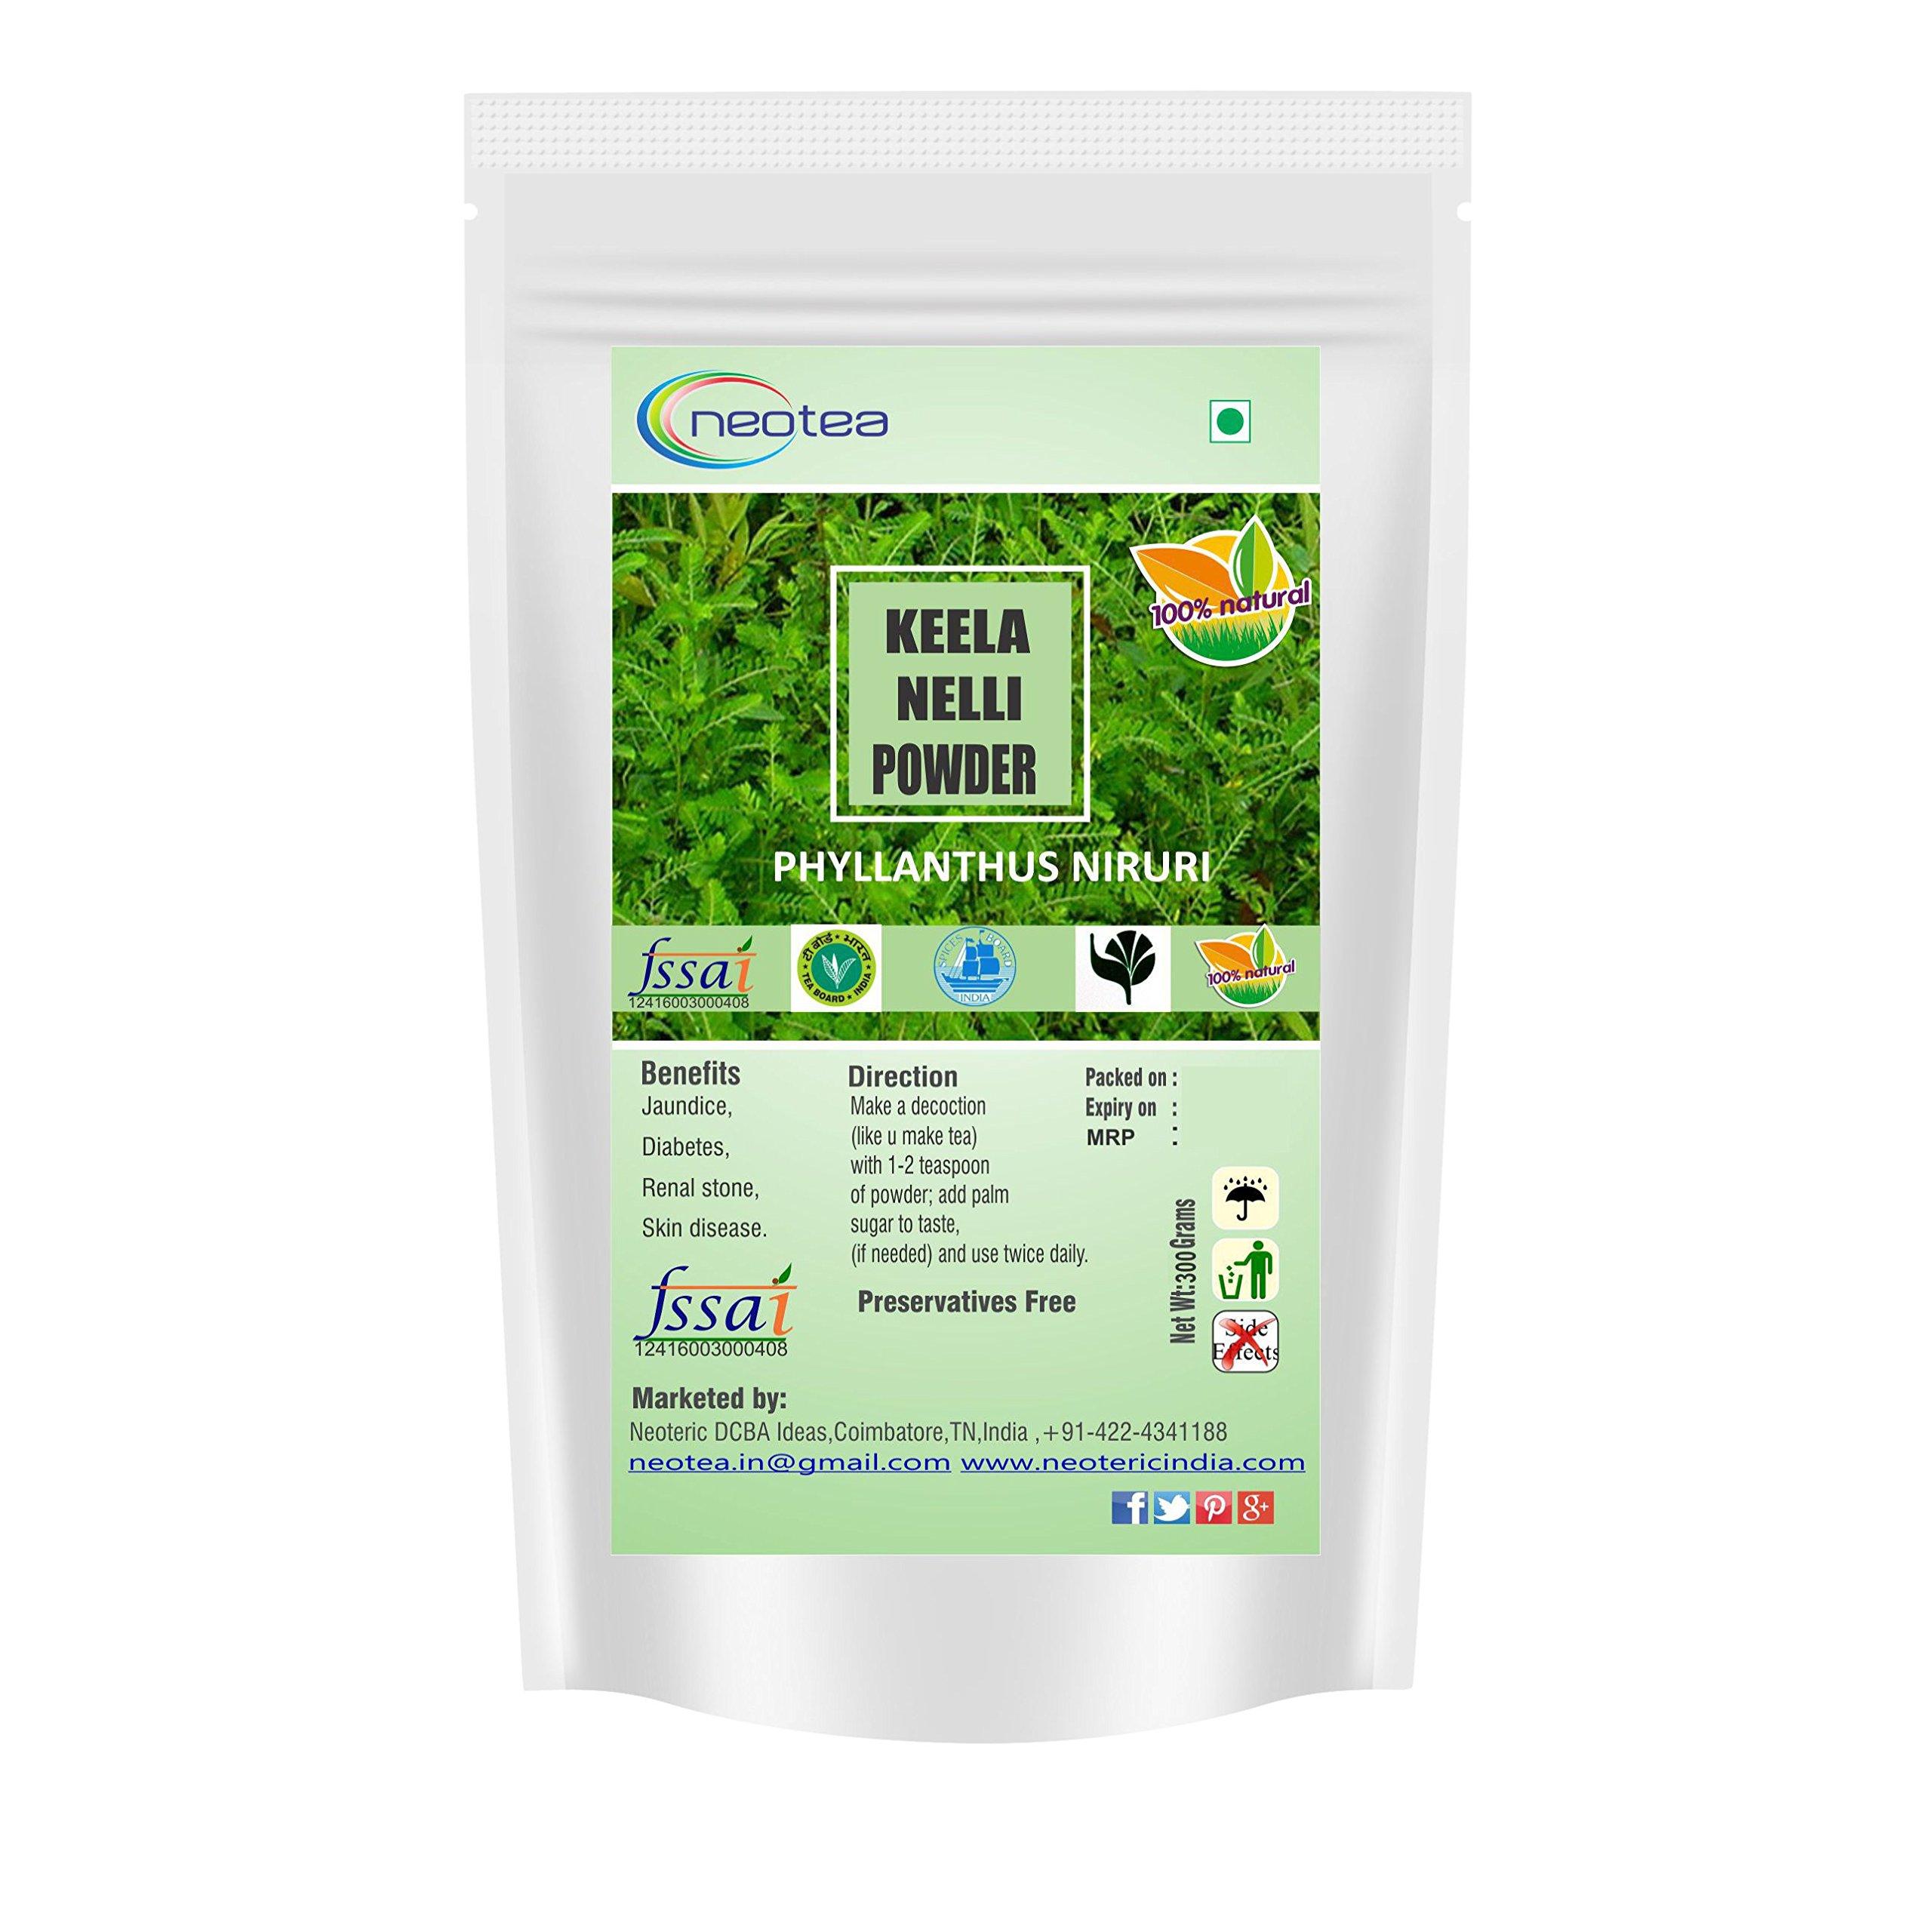 Neotea Keelanelli/Bhumyamalaki/Phyllanthus Niruri Powder – 100% Natural – Premium Quality, 300g